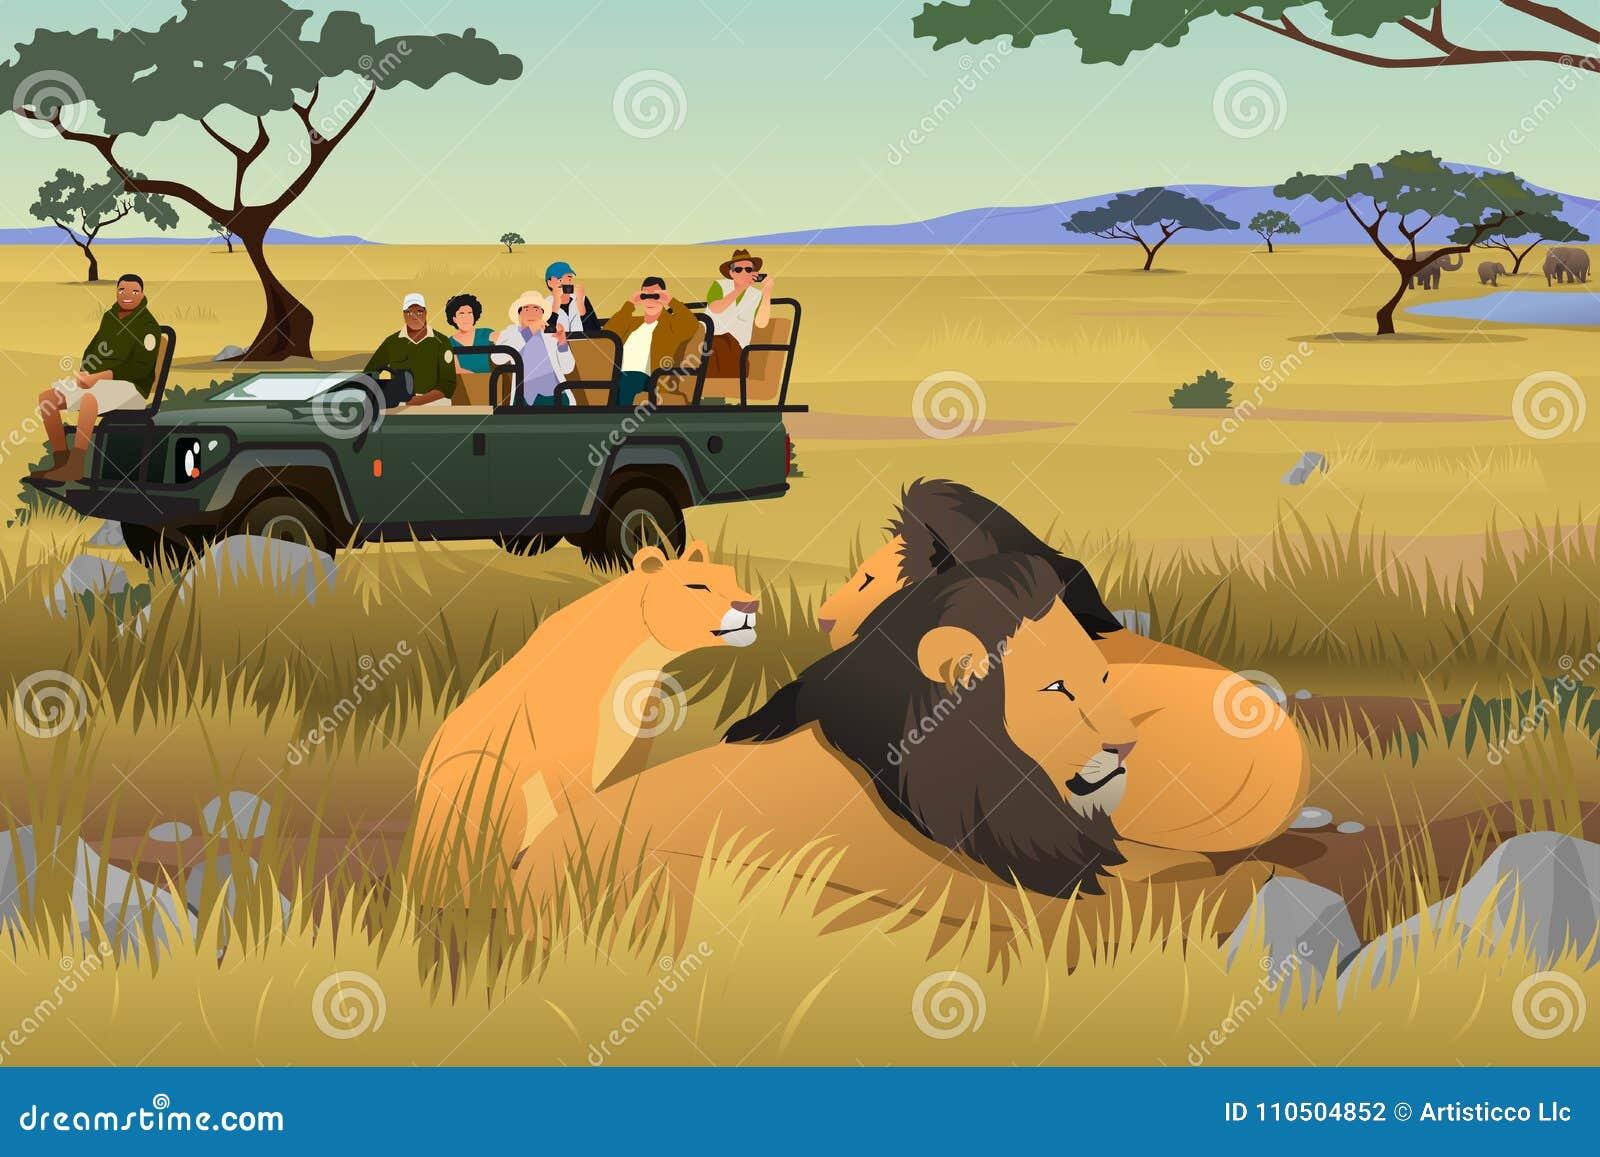 Tourist On African Safari Trip Illustration Stock Vector